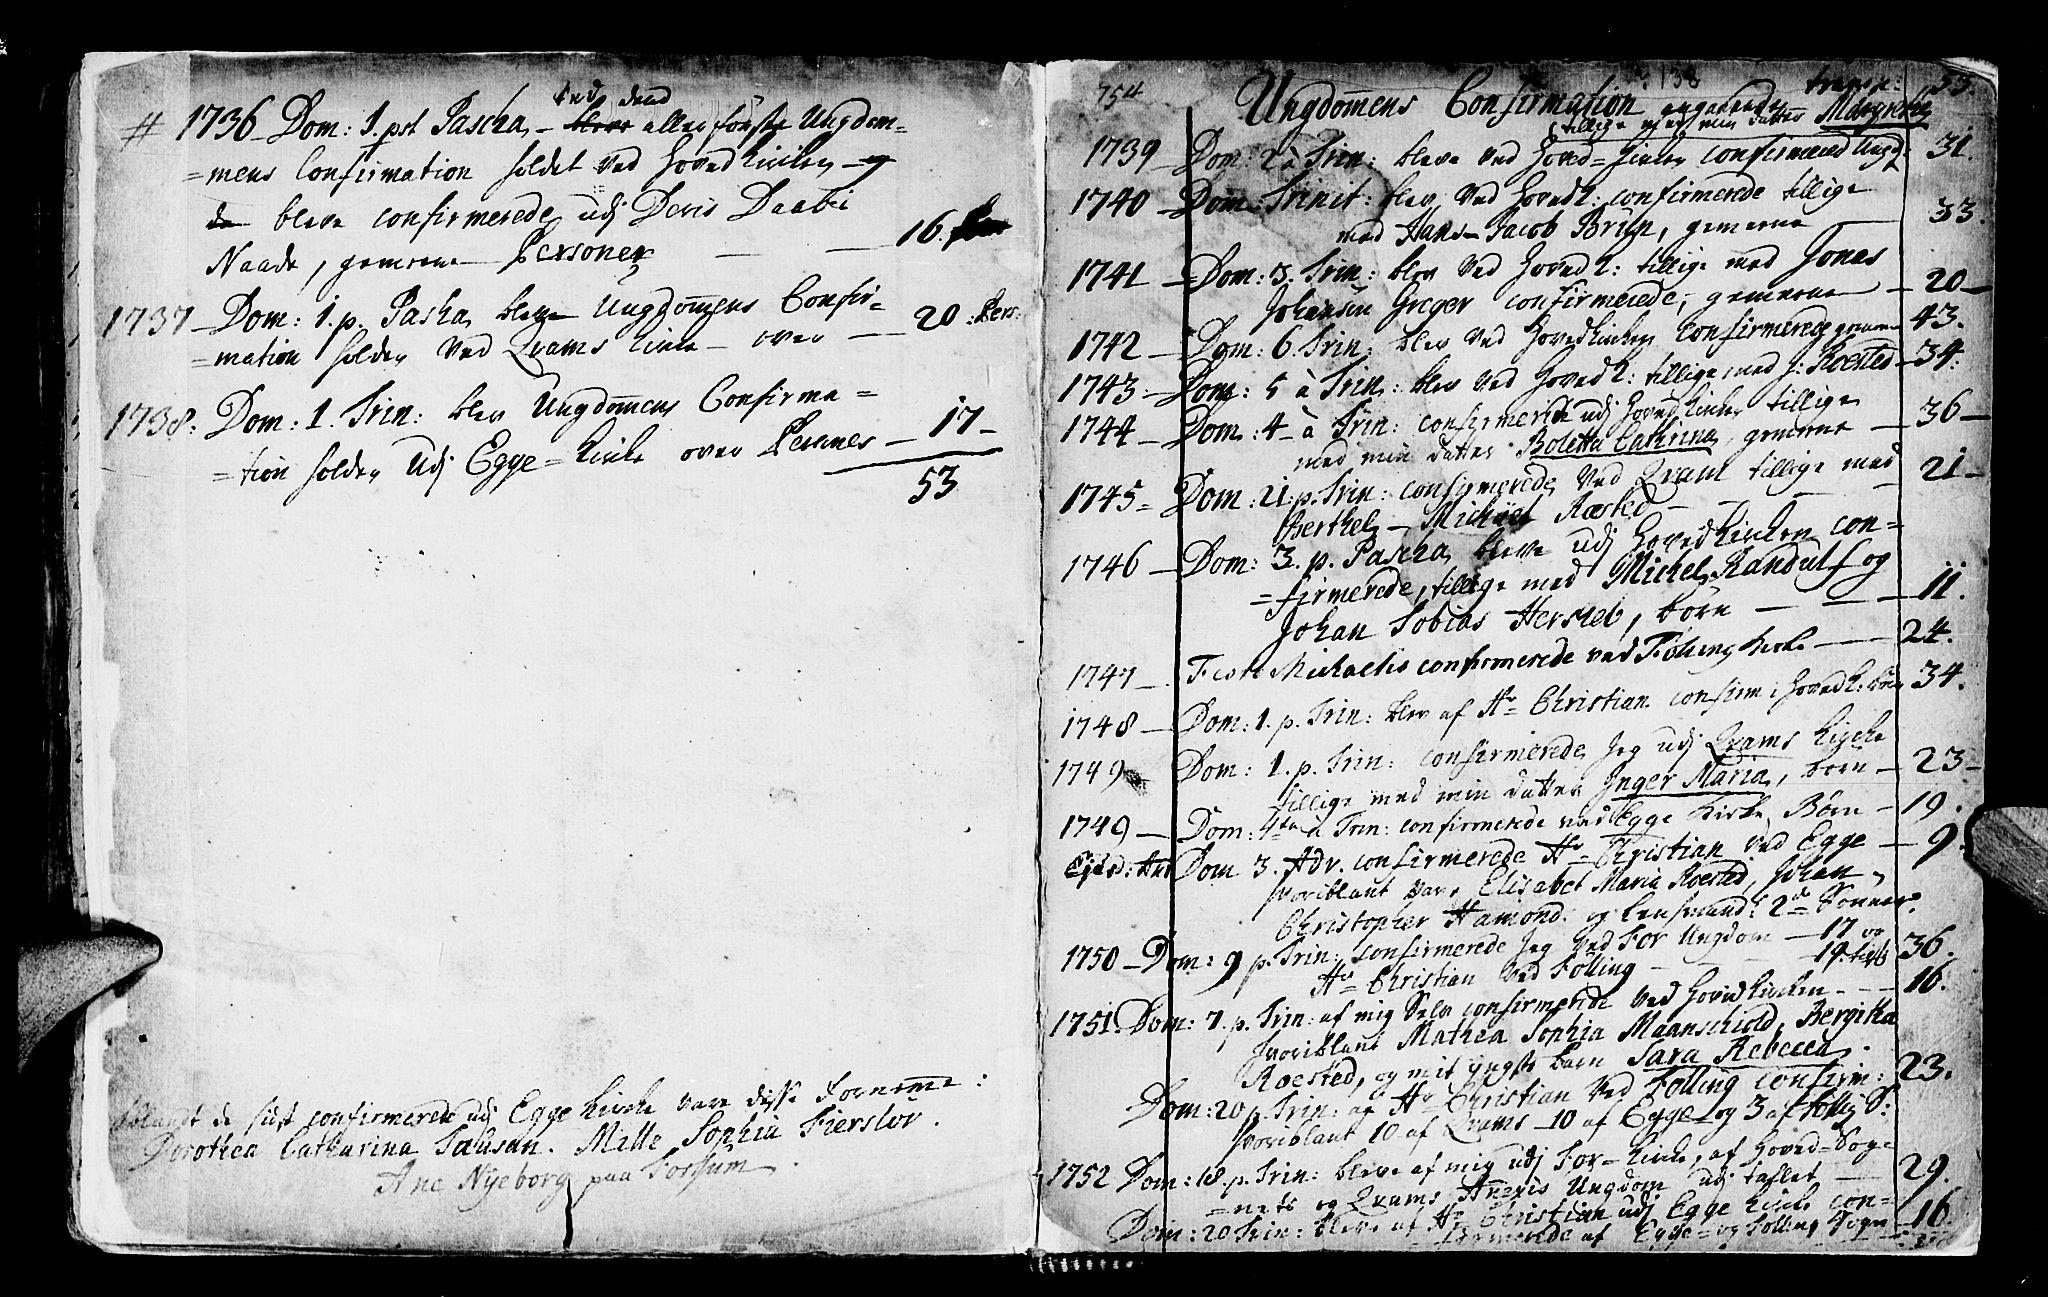 SAT, Ministerialprotokoller, klokkerbøker og fødselsregistre - Nord-Trøndelag, 746/L0439: Ministerialbok nr. 746A01, 1688-1759, s. 138